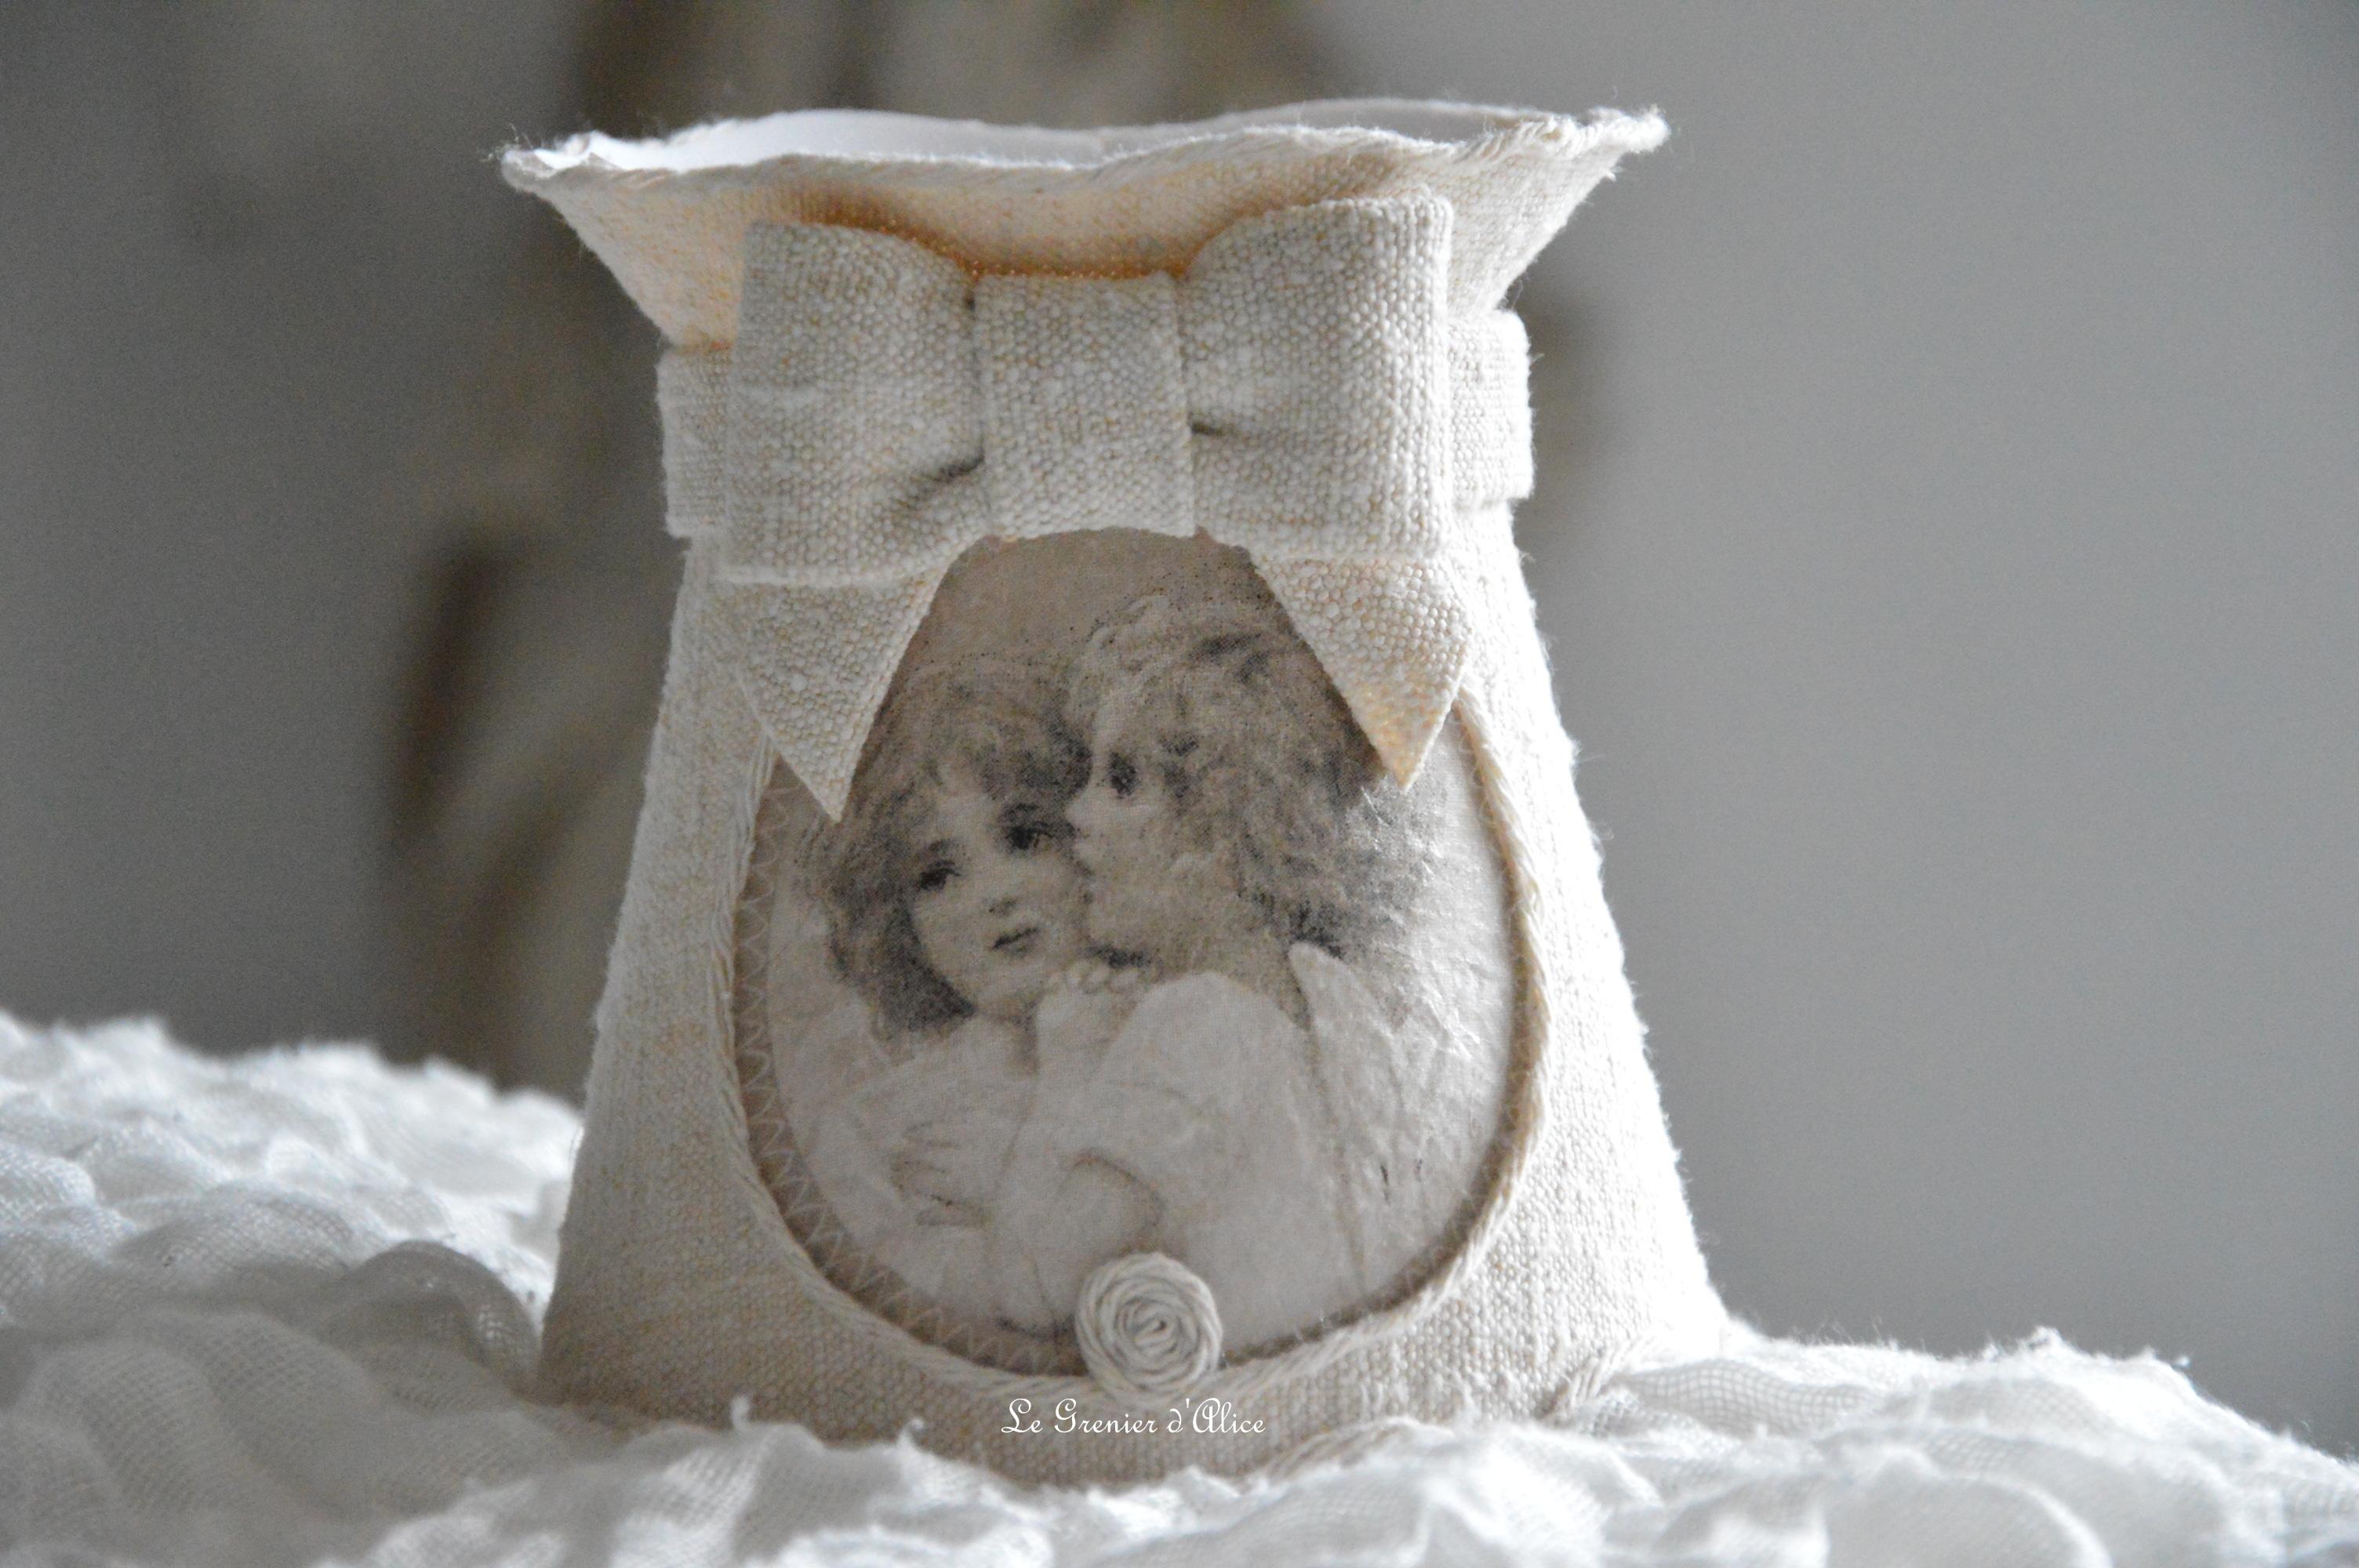 Abat jour romantique shabby chic chanvre ancien collerette médaillon ange cherubin abat jour forme gustavien romantic and shabby lampshade